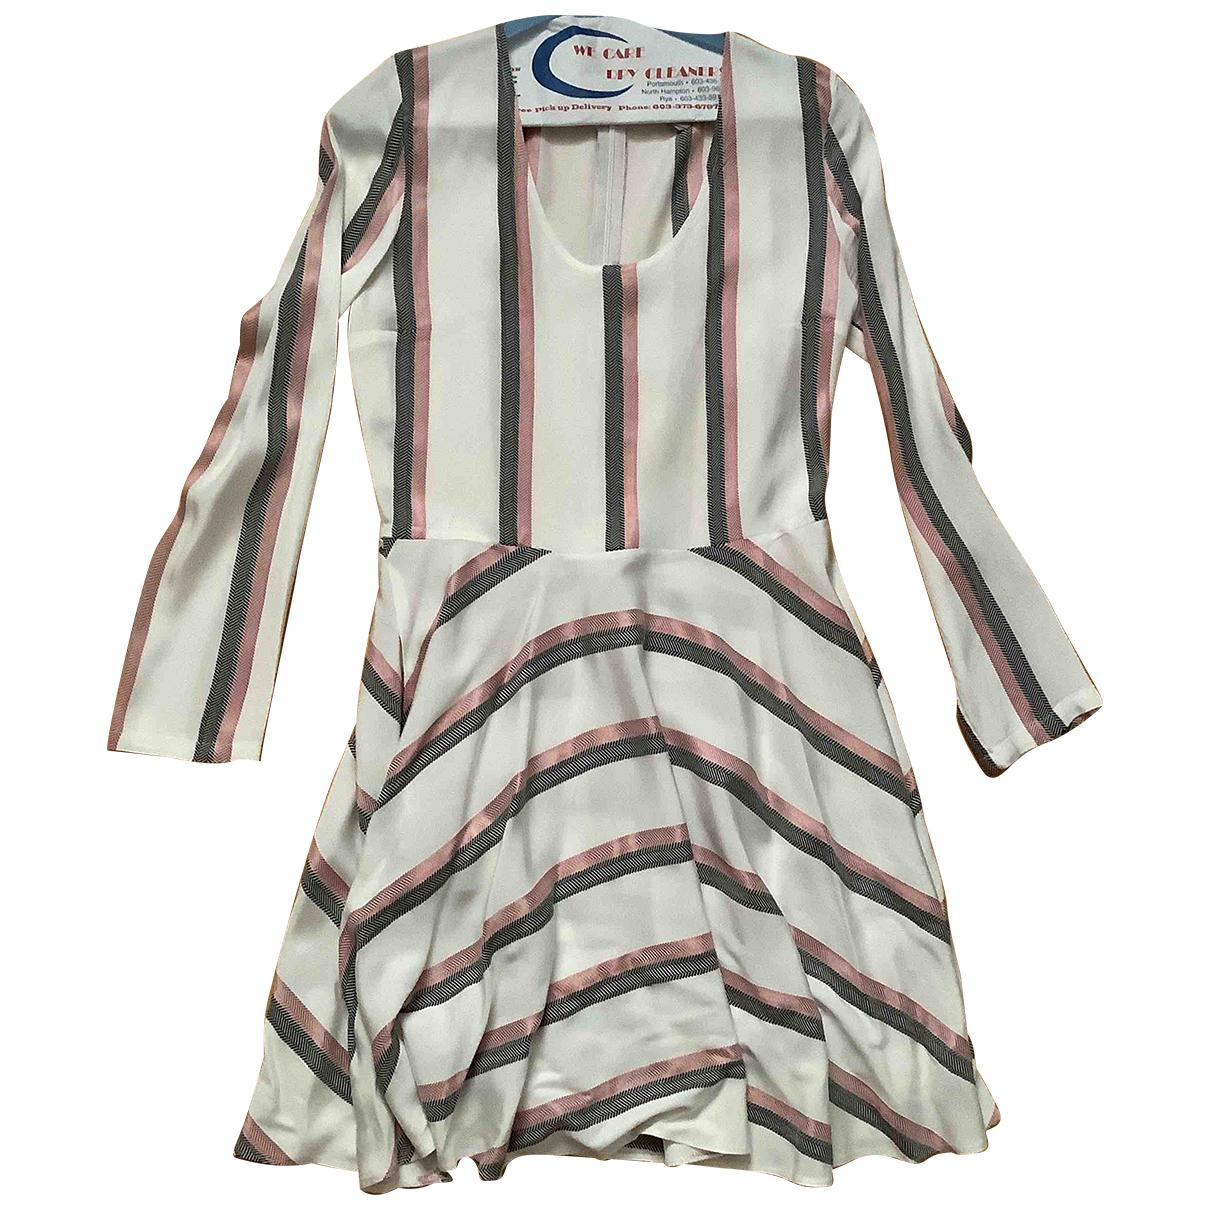 Maje Spring Summer 2020 Multicolour dress for Women 1 0-5